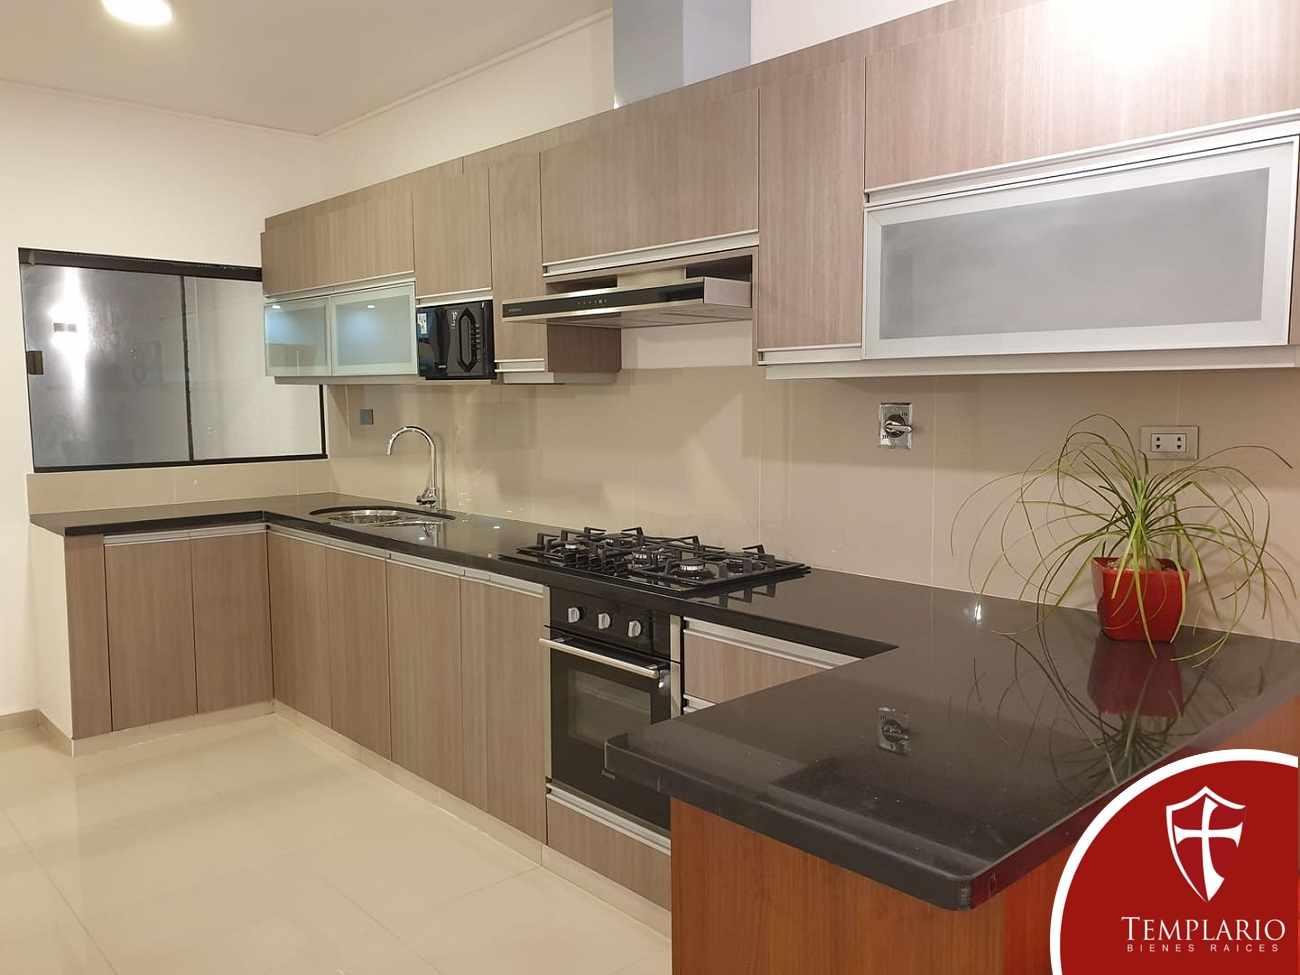 Casa en Venta Av. Santos Dumont 3er y 4to Anillo - Vecindario Residencial Foto 2